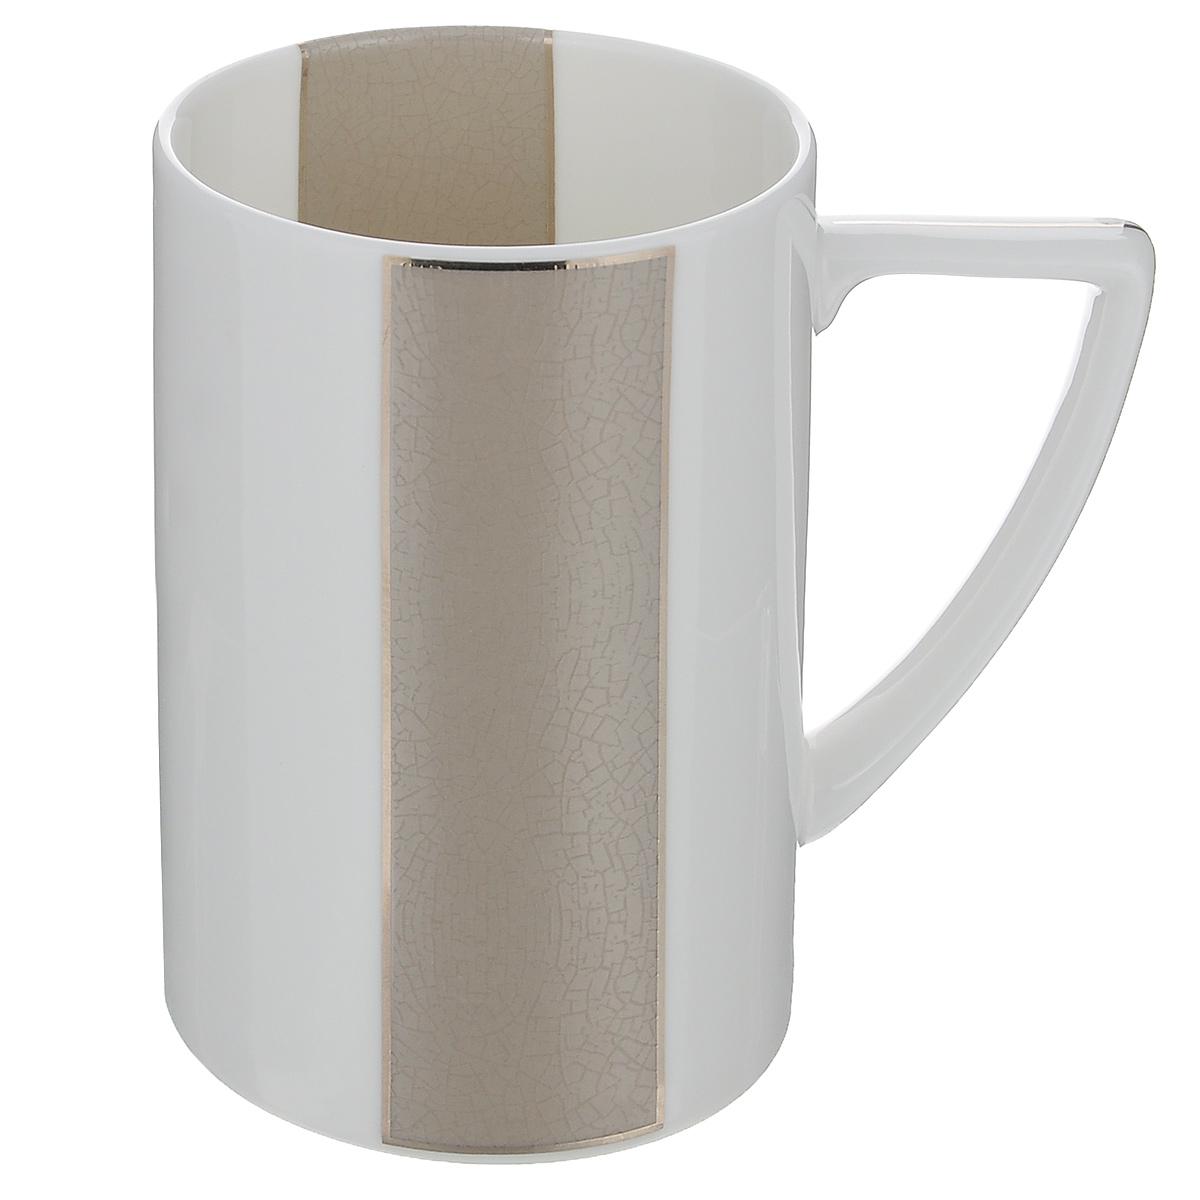 Кружка Royal Porcelain Шайн, цвет: белый, серый, 380 млVT-1520(SR)Кружка Royal Porcelain Шайн, выполненная из высококачественного костяного фарфора, декорирована цветными вставками и серебристой эмалью. Изделие оснащено удобной ручкой. Основными достоинствами изделий из костяного фарфора являются прочность и абсолютно гладкая глазуровка. Кружка сочетает в себе оригинальный дизайн и функциональность. Благодаря такой кружке пить напитки будет еще вкуснее. Кружка Royal Porcelain Шайн согреет вас долгими холодными вечерами. Не рекомендуется использовать в посудомоечной машине и микроволновой печи. Объем: 380 мл.Диаметр (по верхнему краю): 7,5 см.Высота кружки: 11 см.